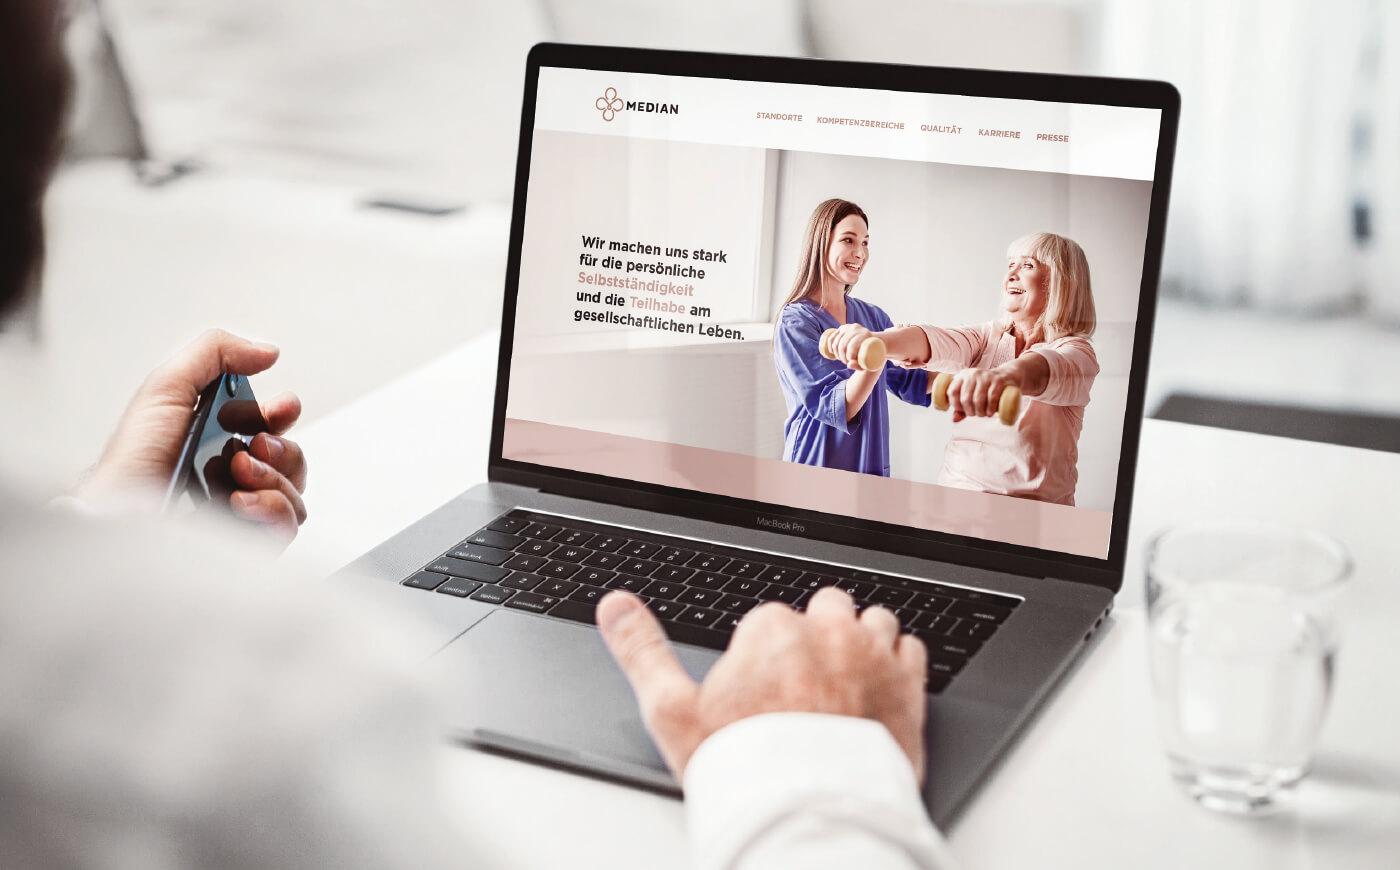 cyclos median website klinik webseite